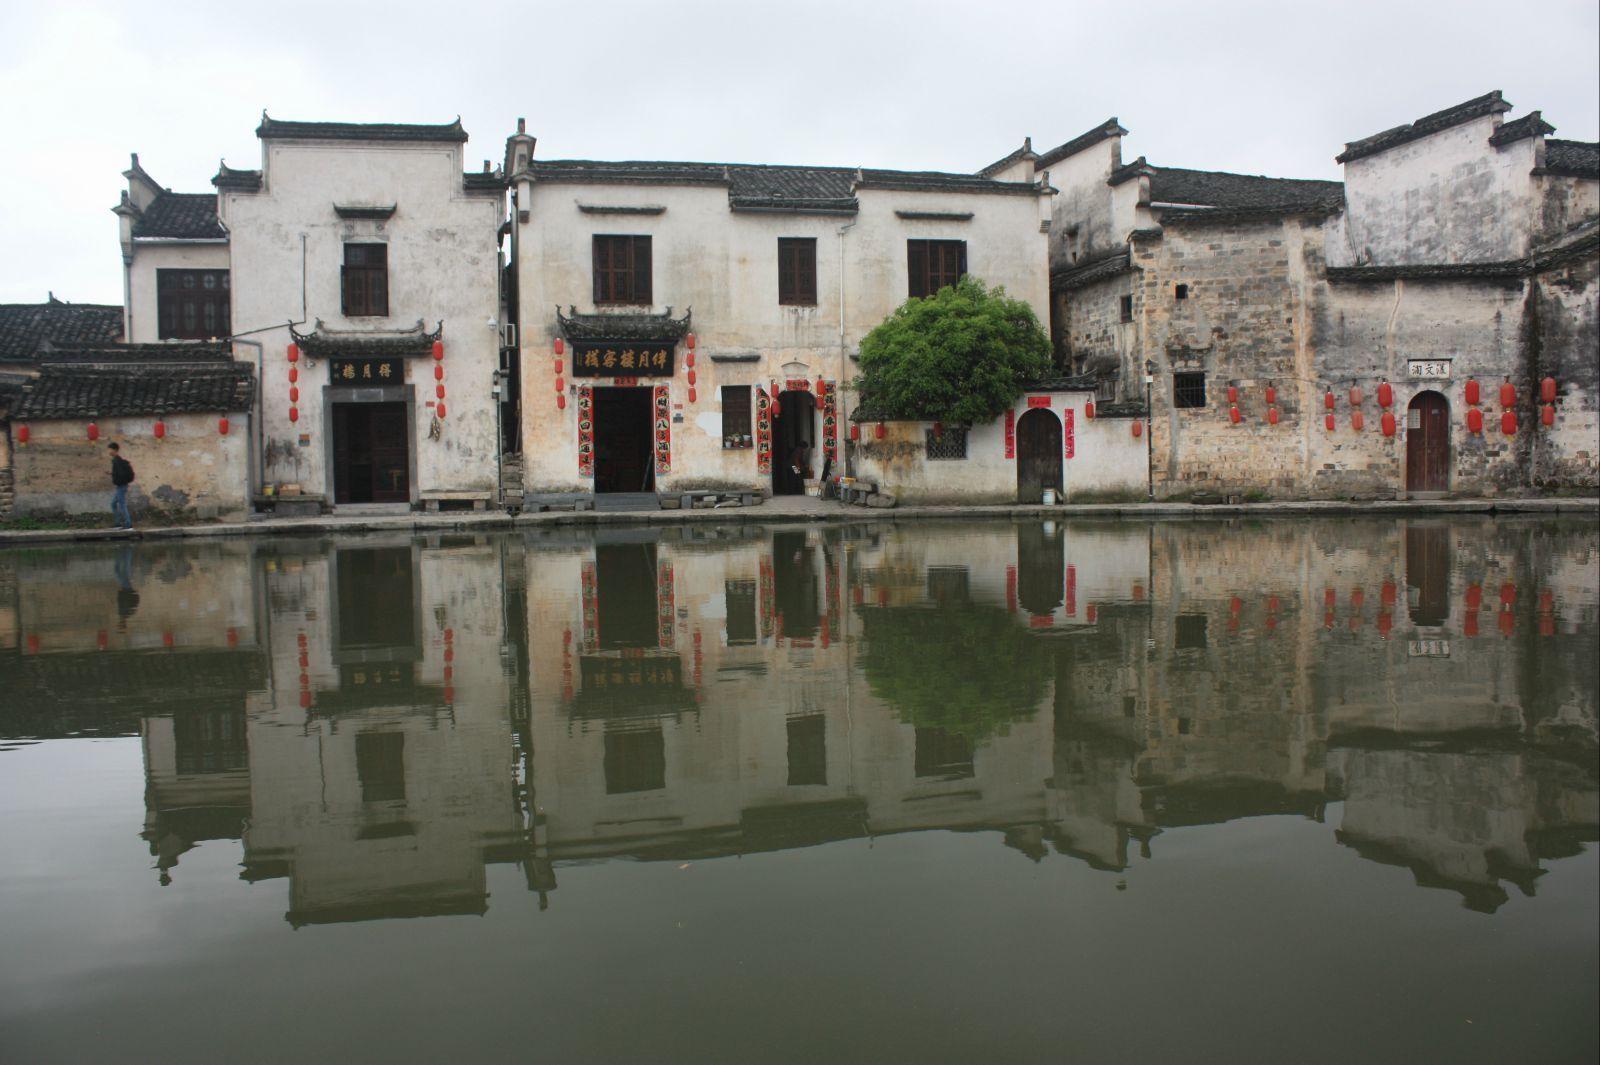 安徽省黄山市皖南古村落—西递宏村